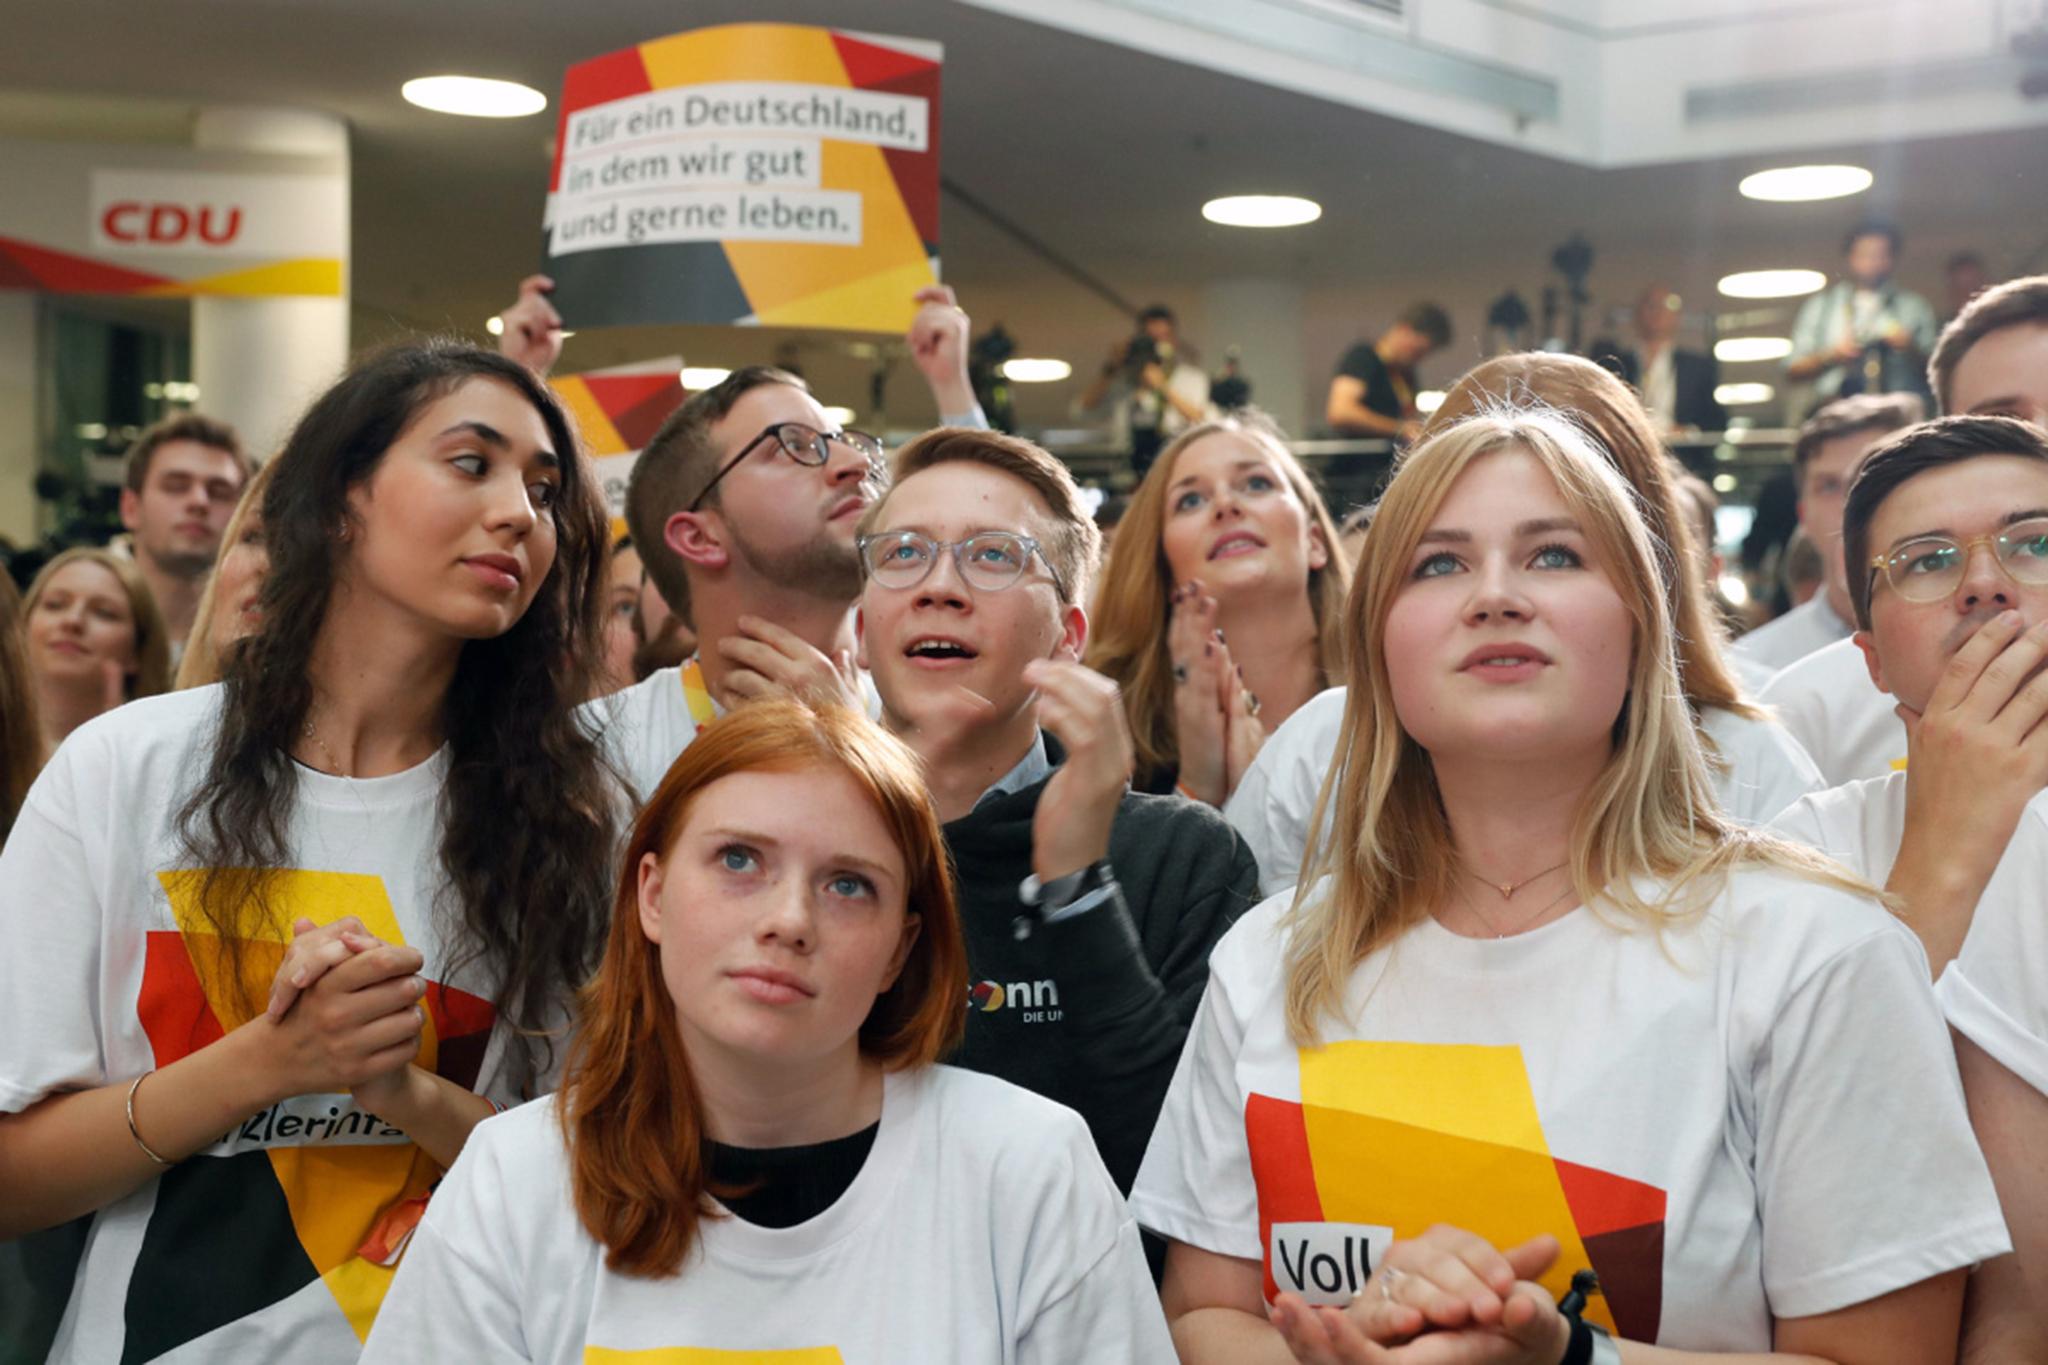 Alemanha | Quarto mandato de Merkel na eleição que leva a extrema-direita ao Bundestag